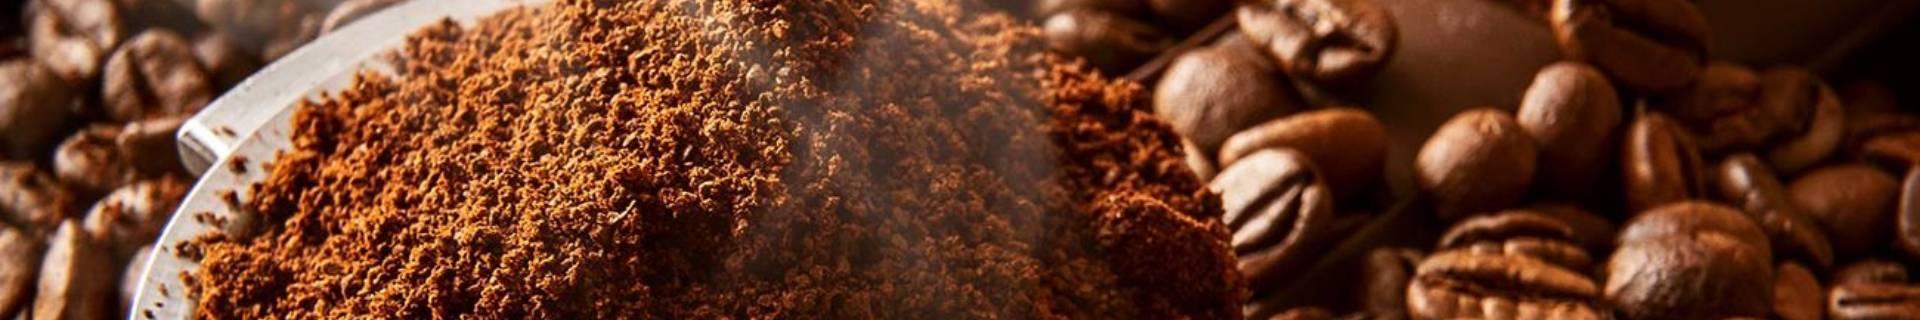 Café descafeinado ecológico - ECOLECTIA